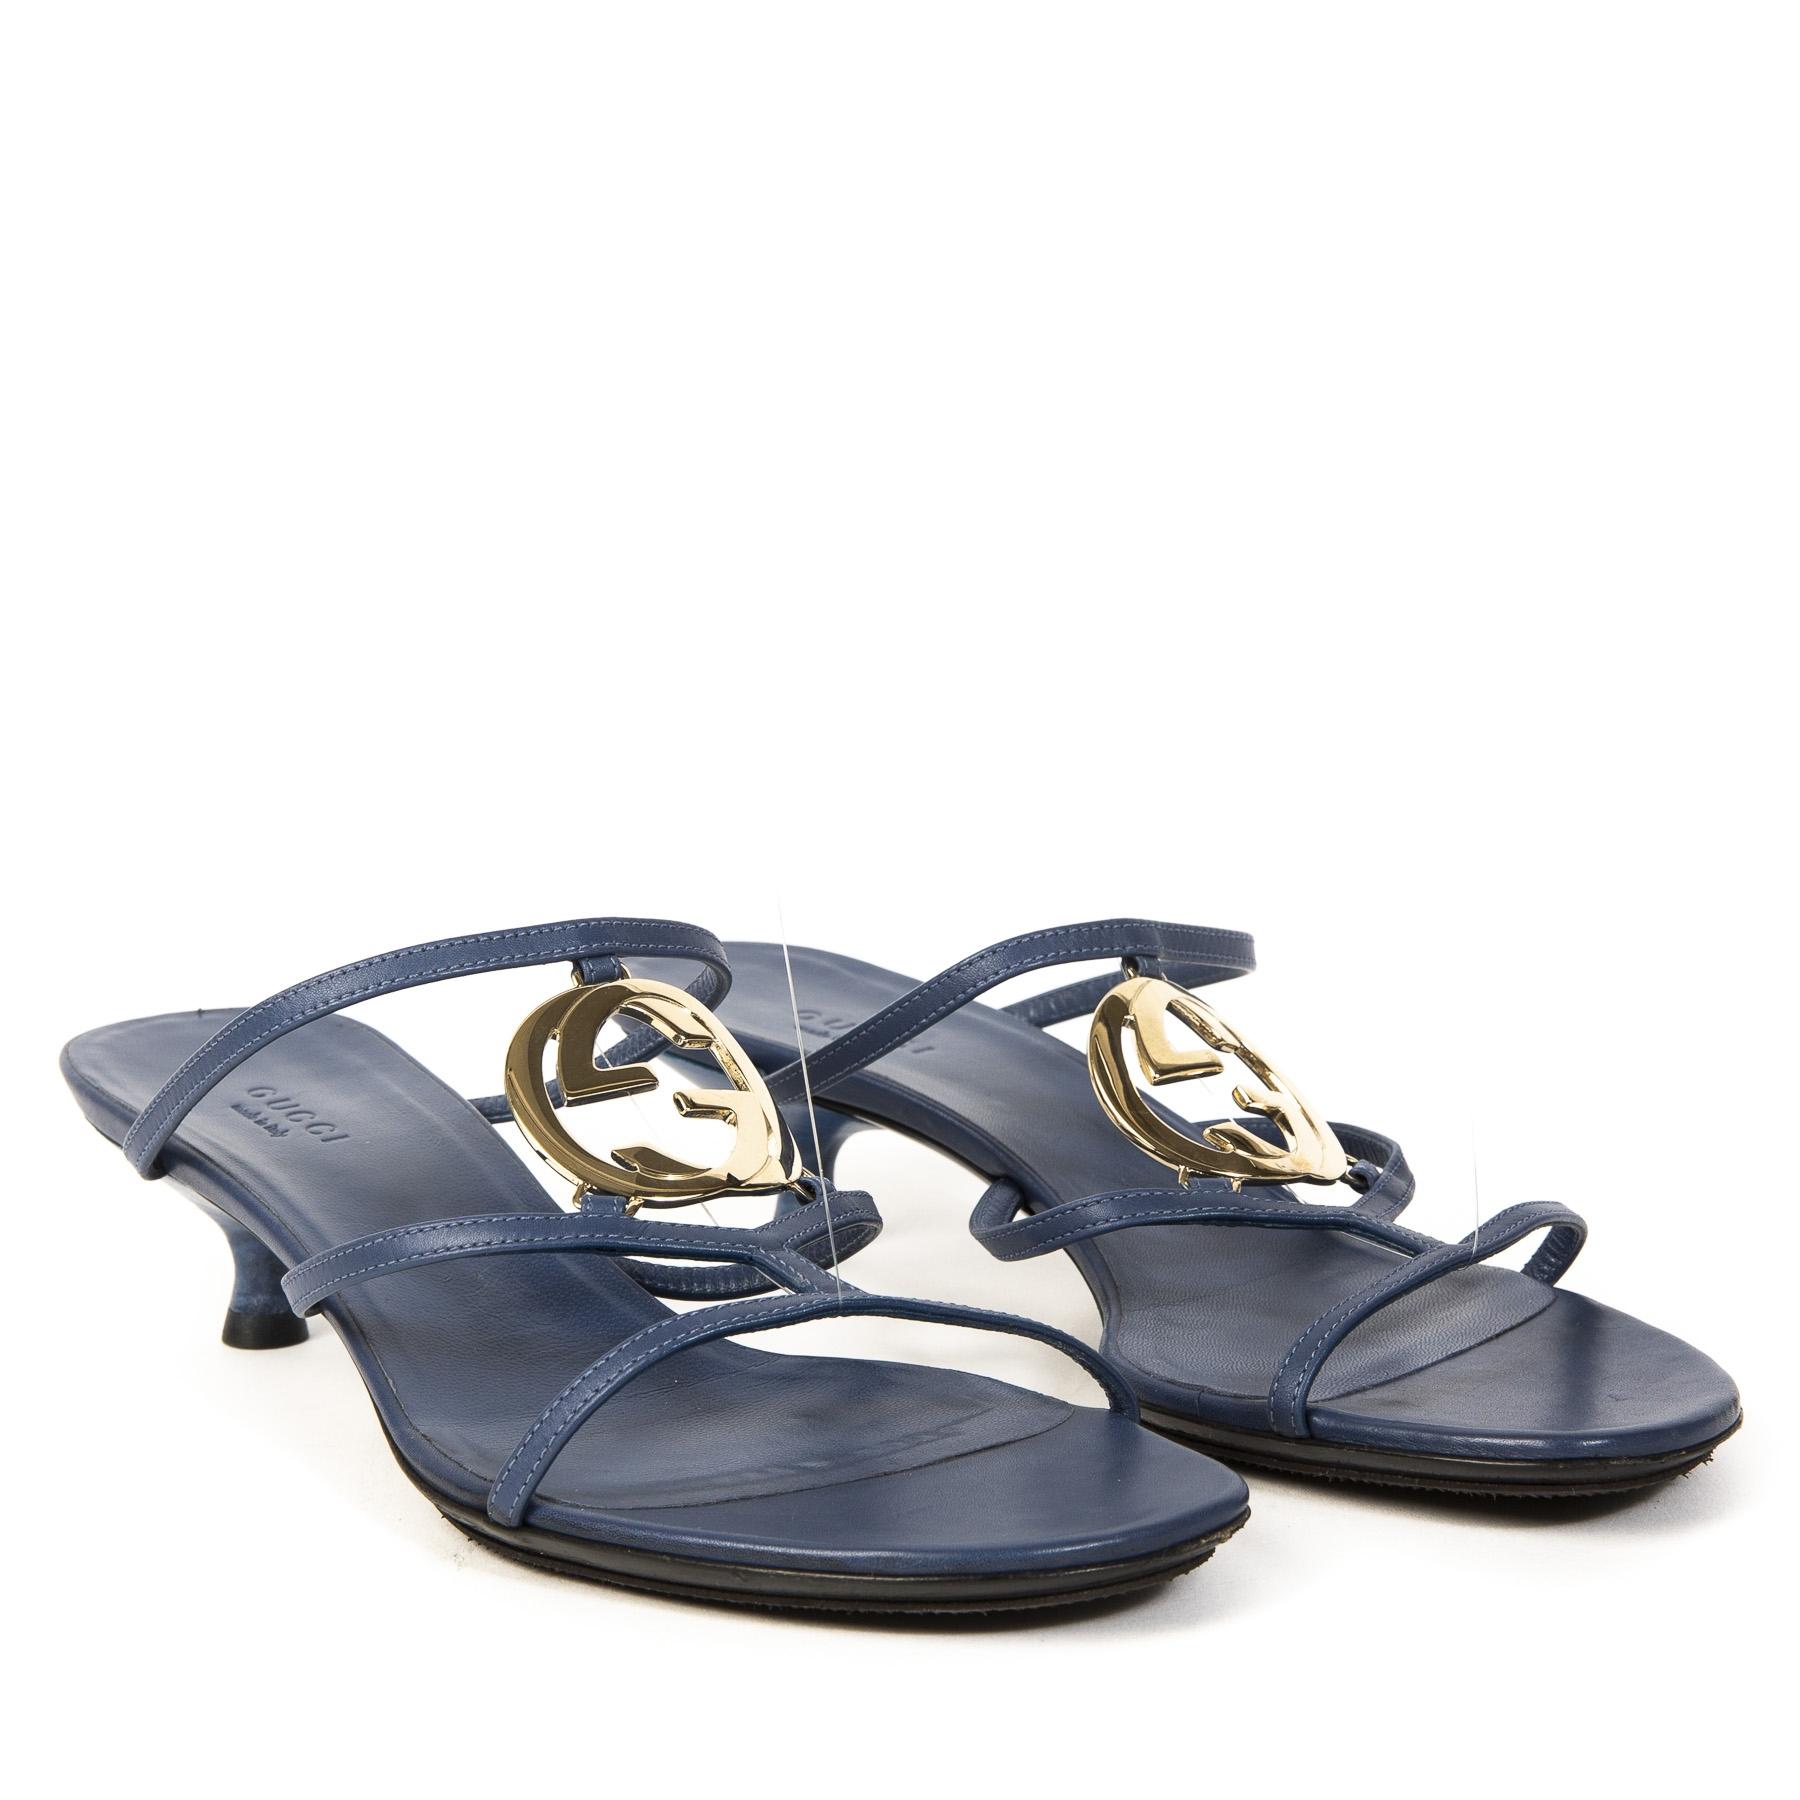 Authentieke Tweedehands Gucci Blue Strap Sandal Heels GG juiste prijs veilig online shoppen luxe merken webshop winkelen Antwerpen België mode fashion